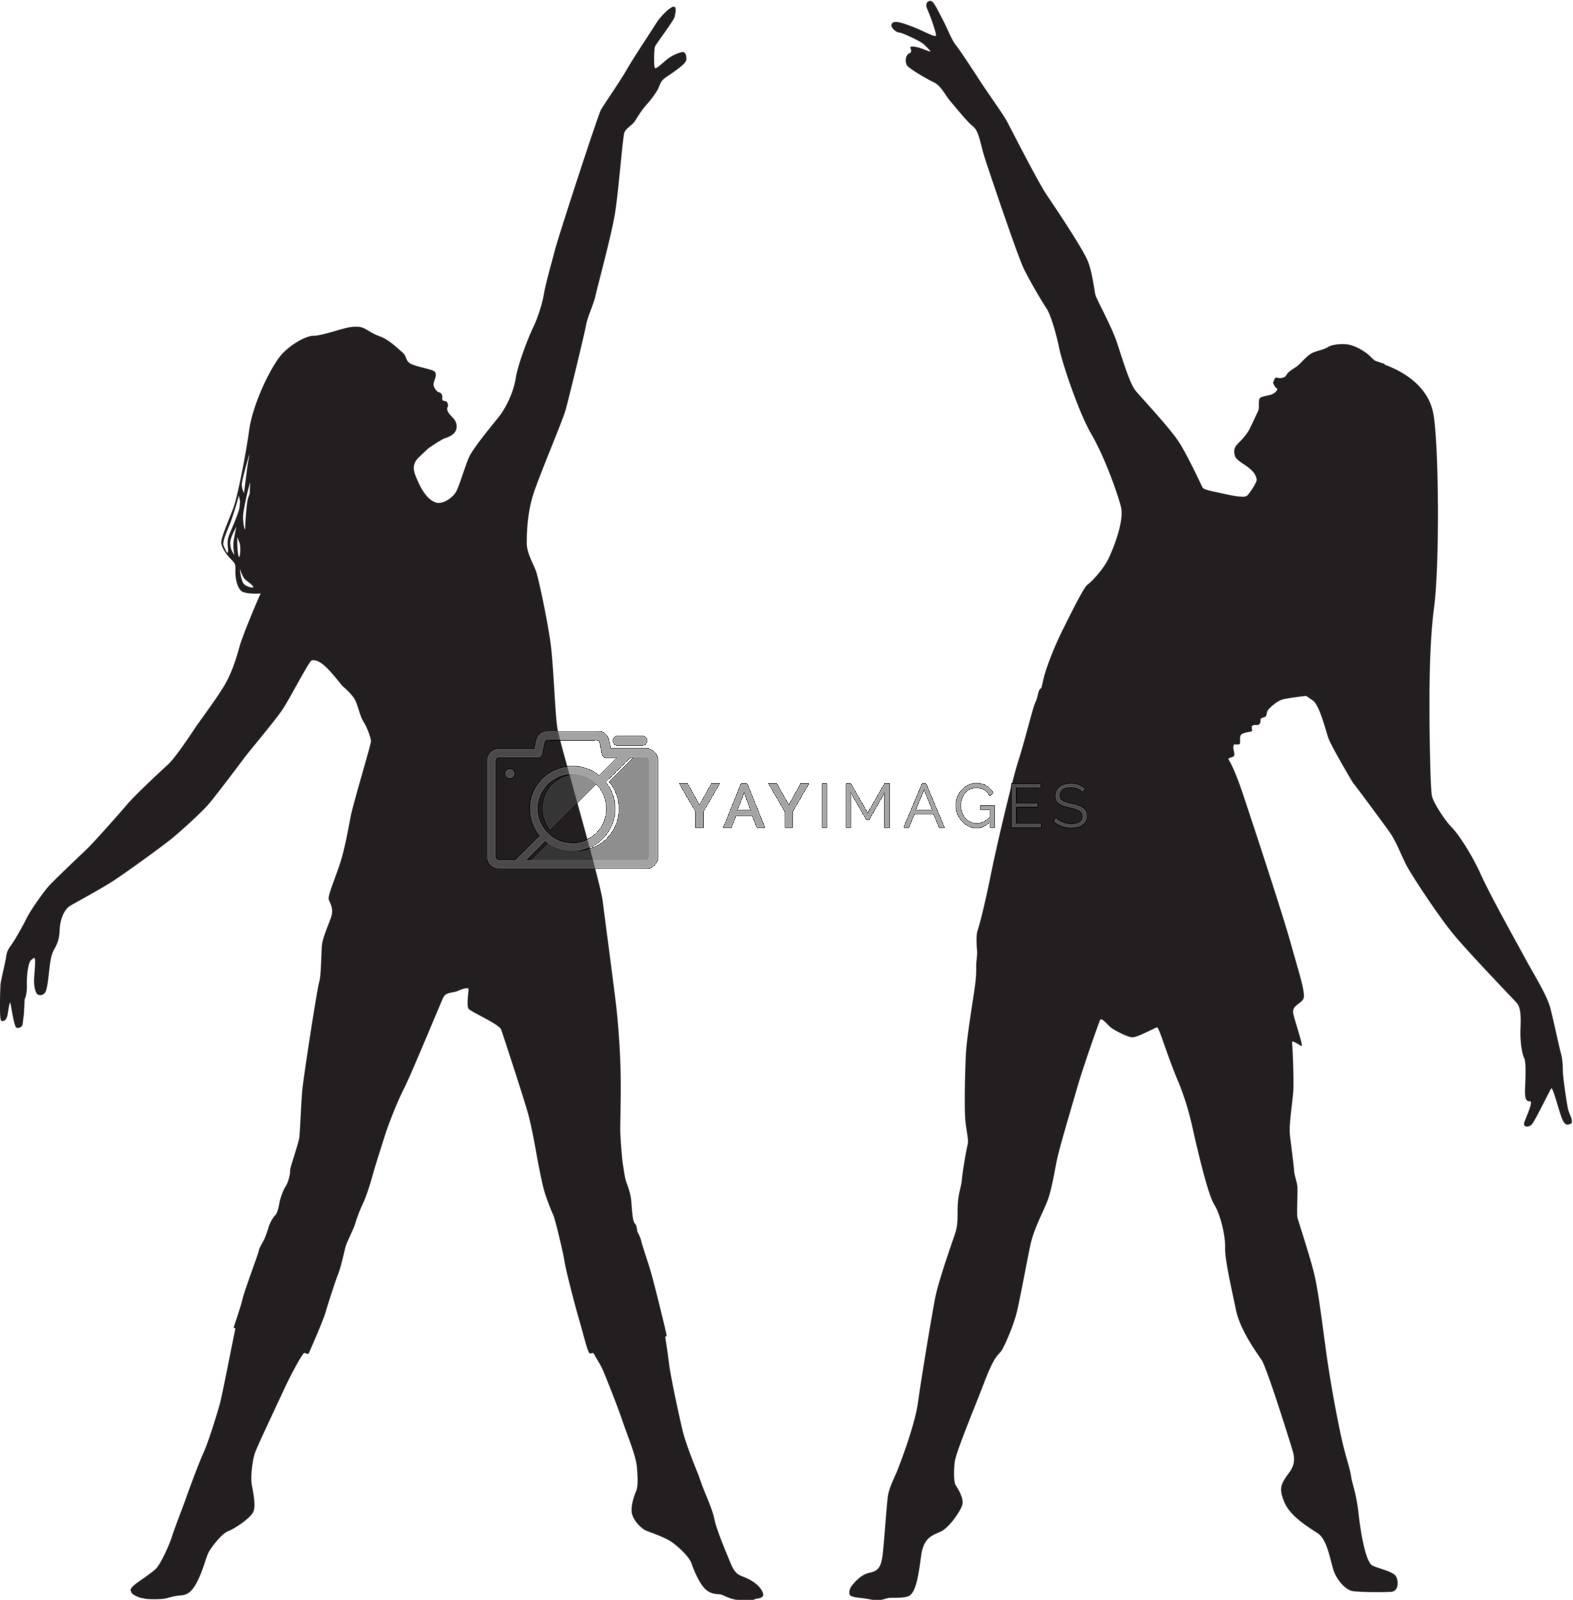 Silhouette women dance